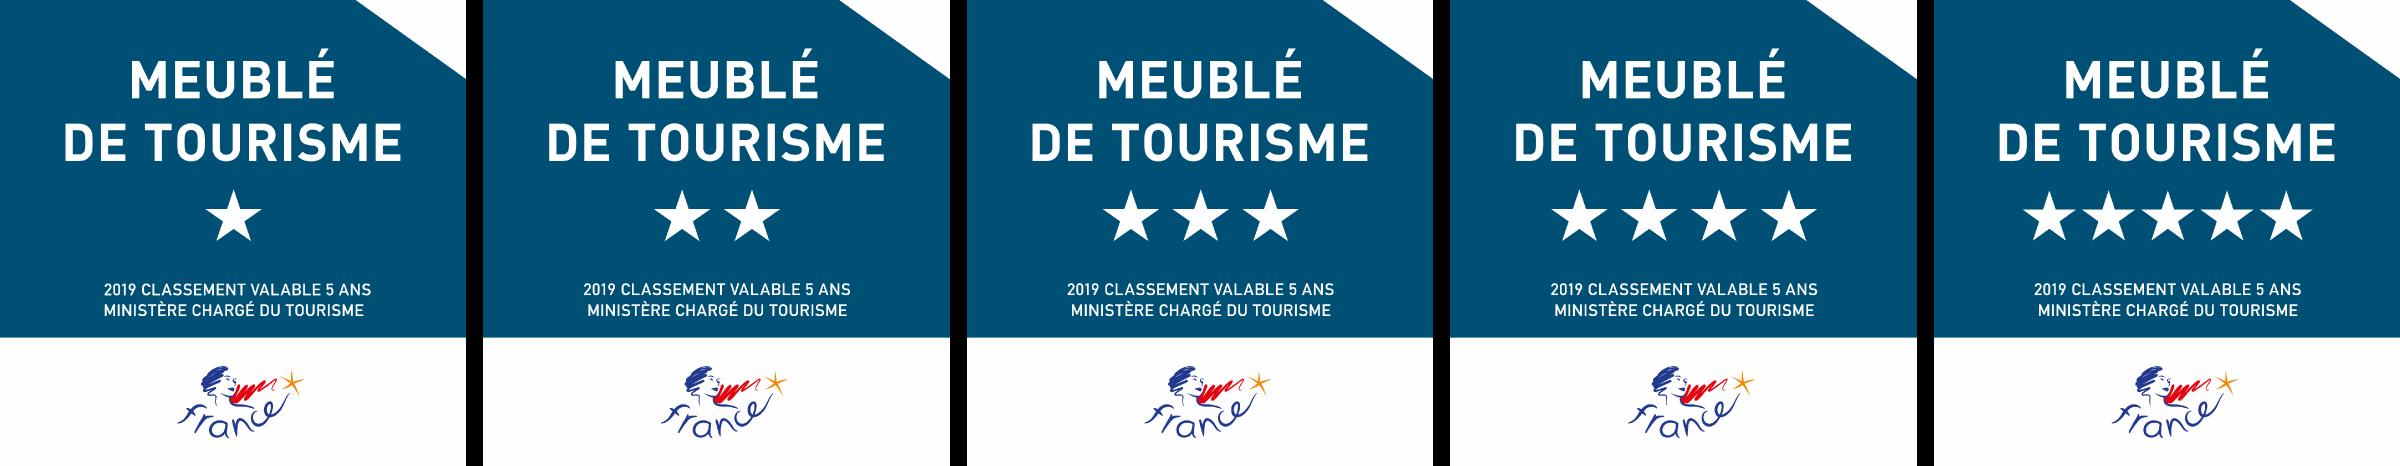 """Résultat de recherche d'images pour """"classement meublé de tourisme"""""""